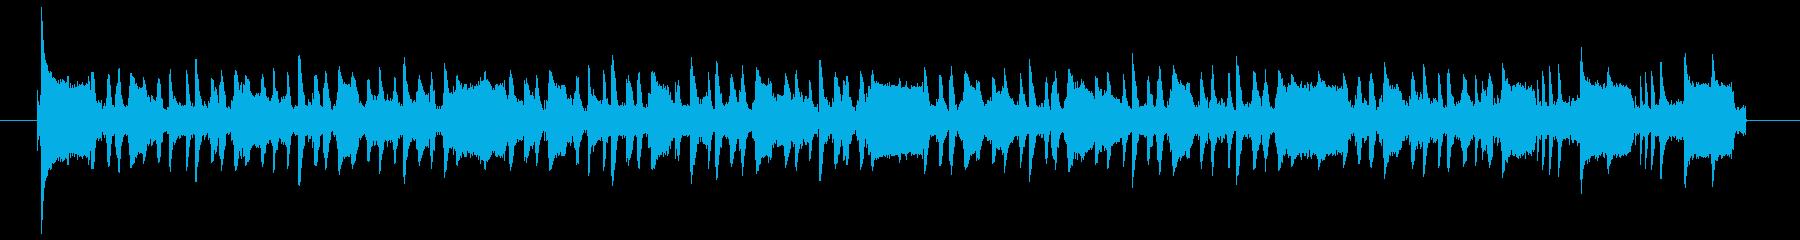 パーカッシブなアコギのお洒落ジングル②の再生済みの波形